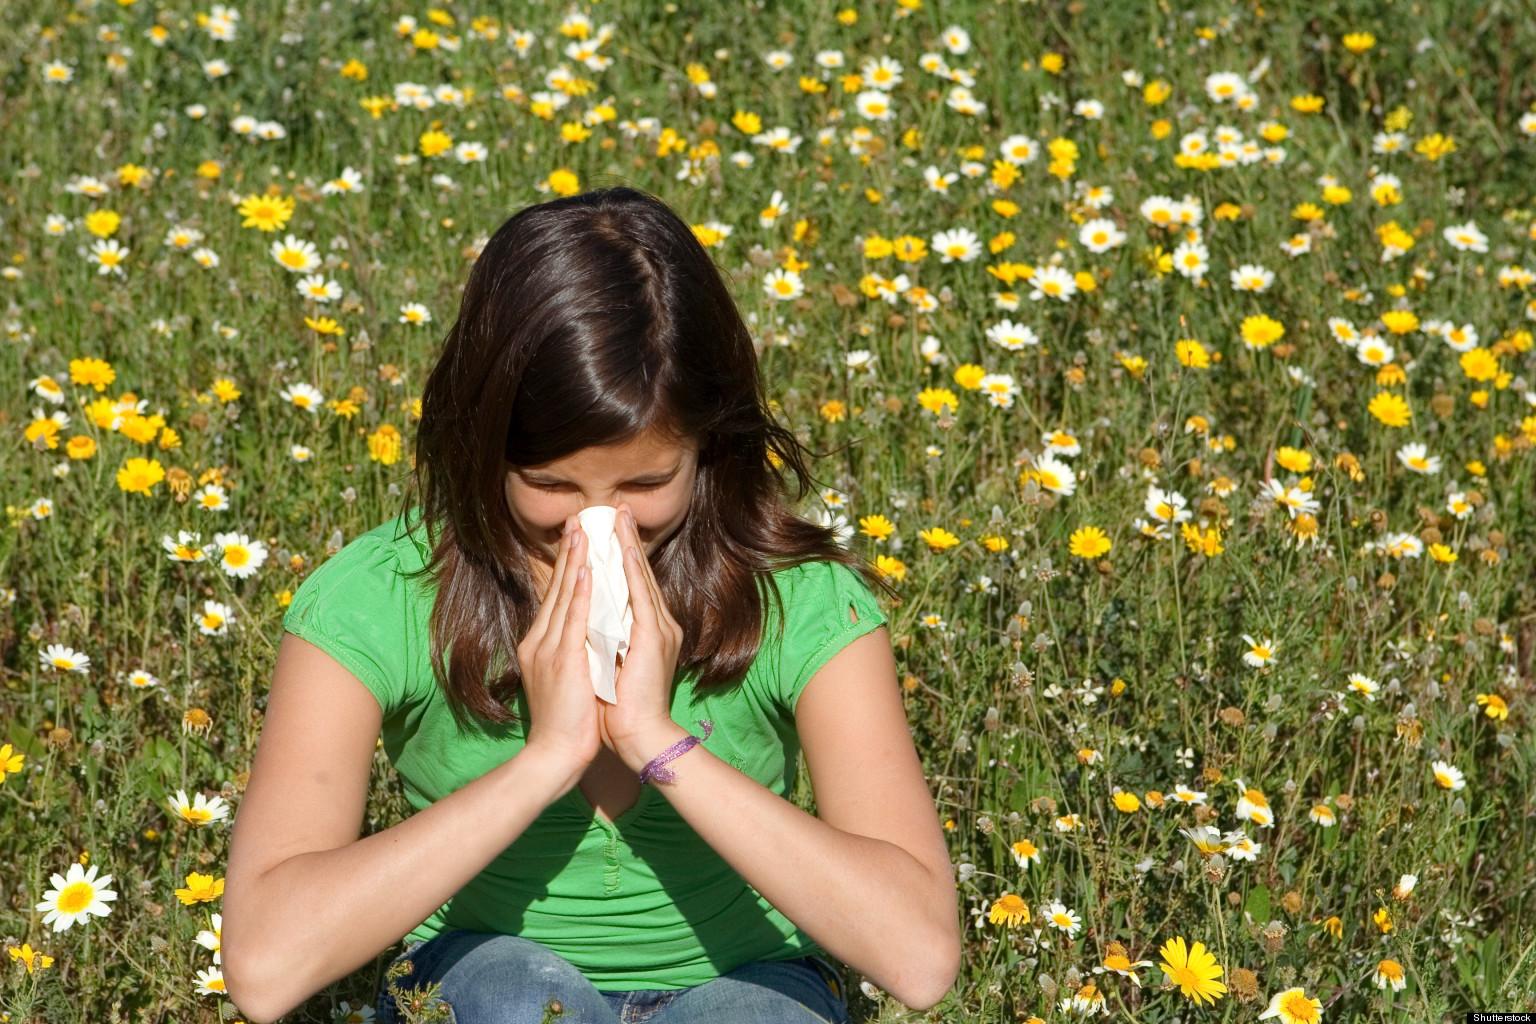 Ragweed Allergy in Spring Allergies Spring 10 Things